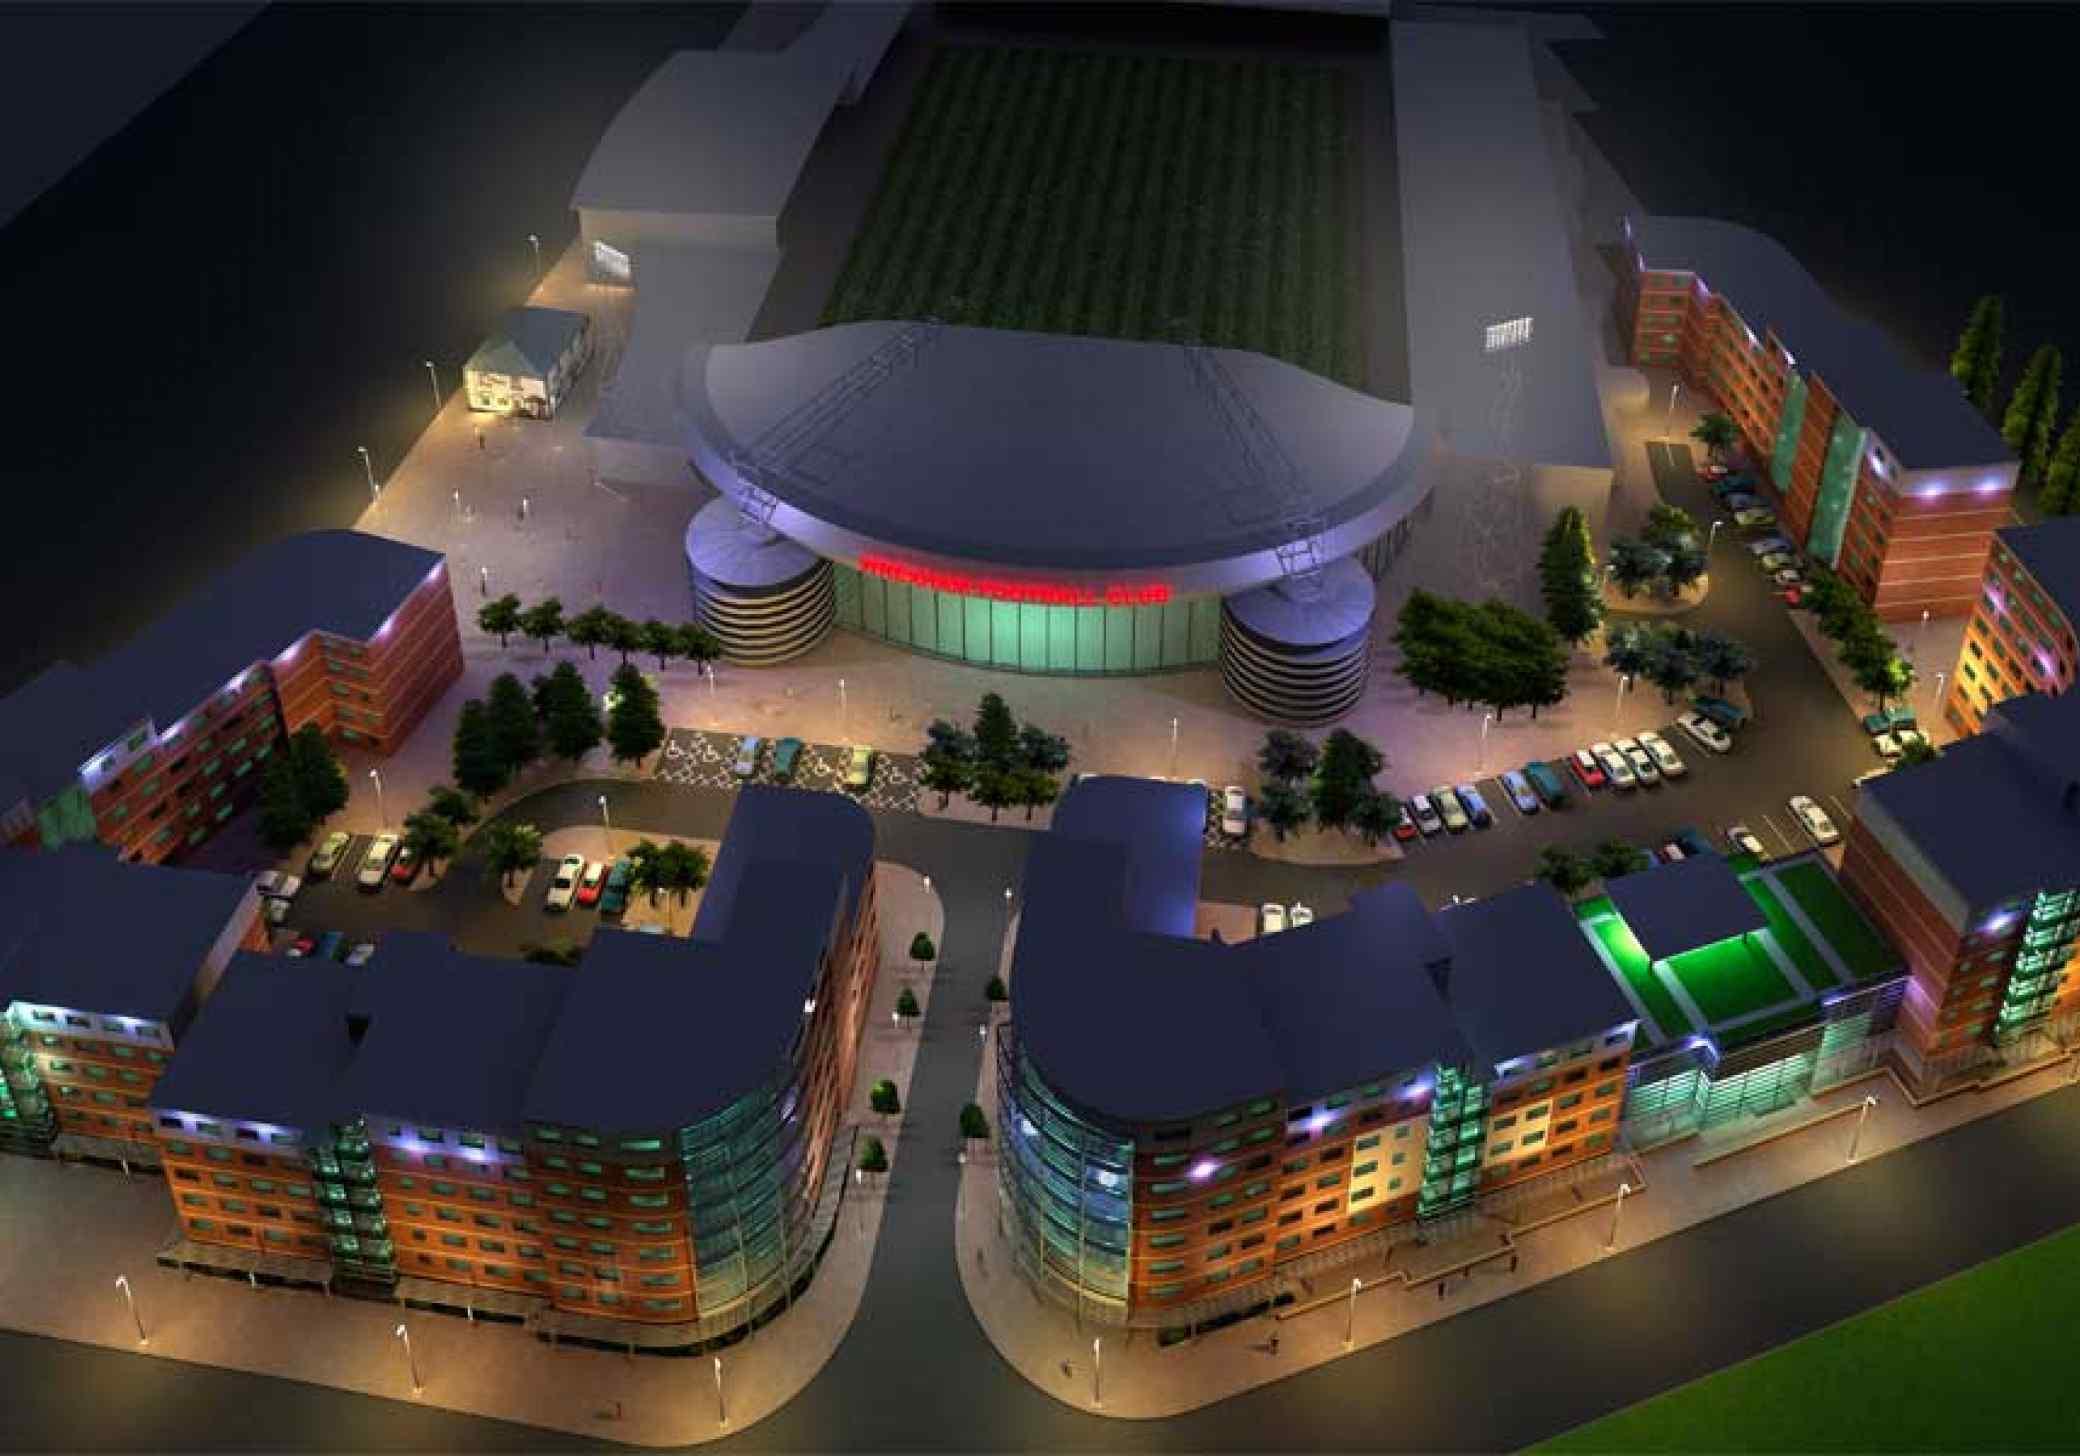 Wrexham Student Village night aerial architectural scheme plan